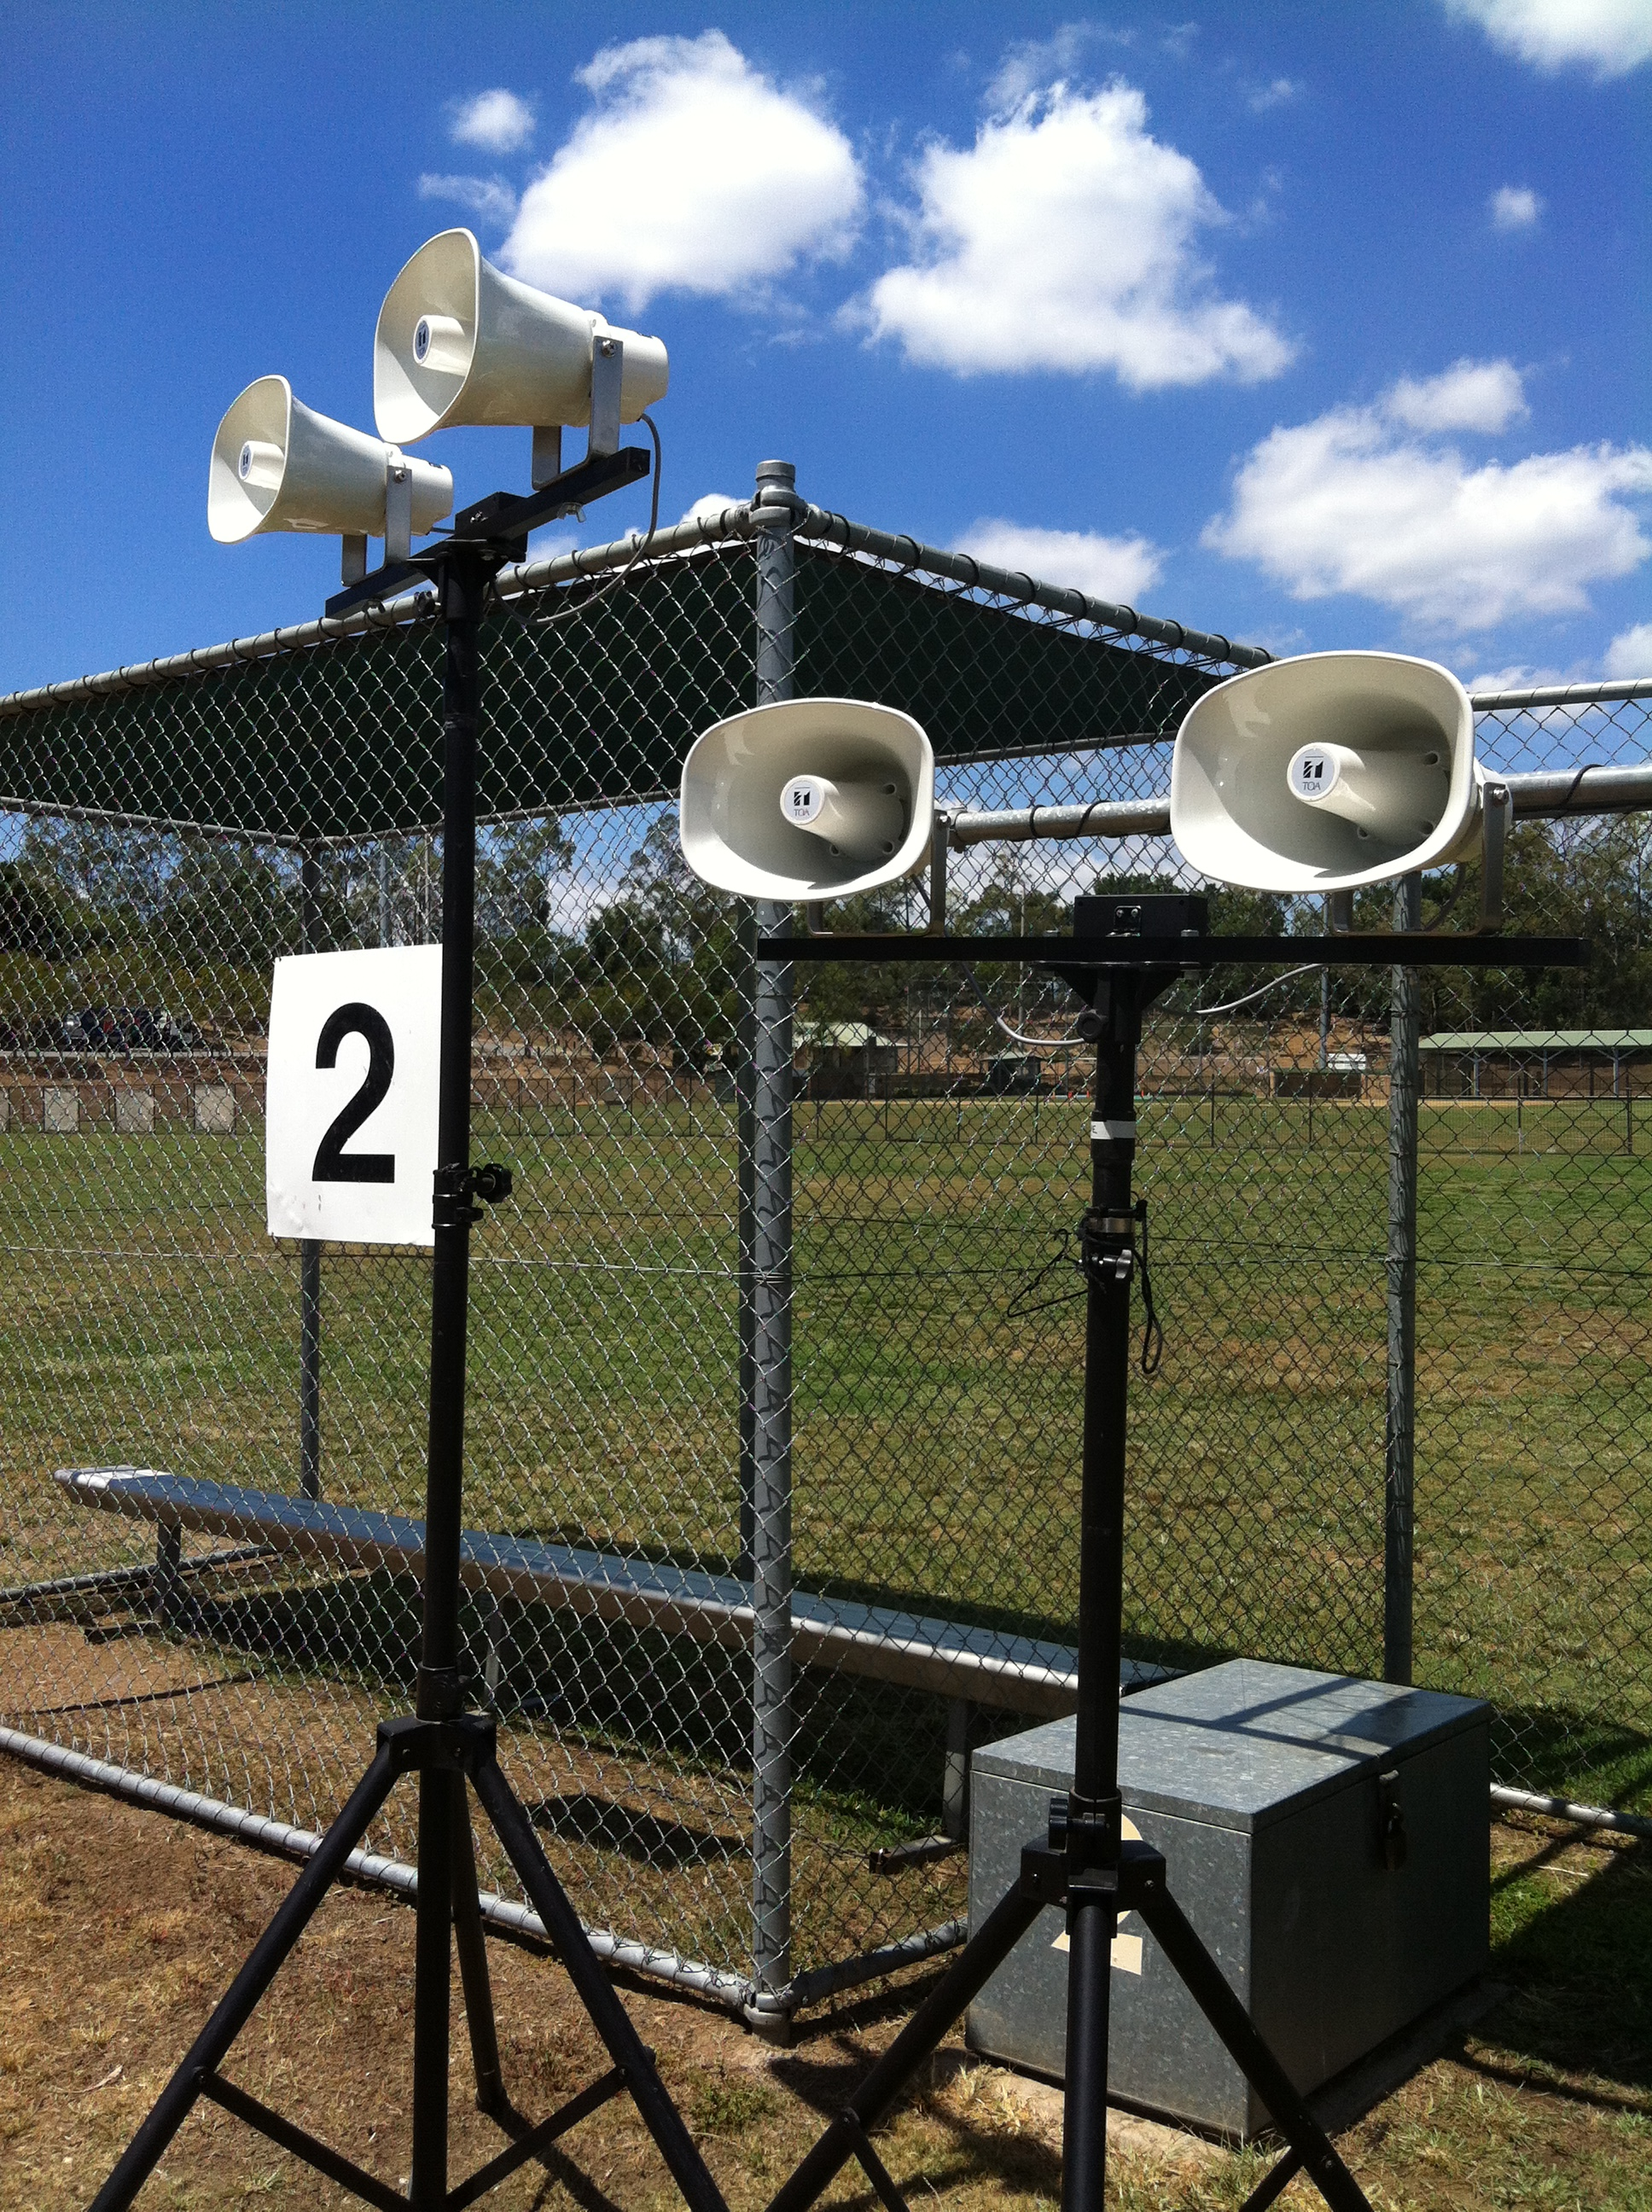 100 volt speaker system for outdoor events